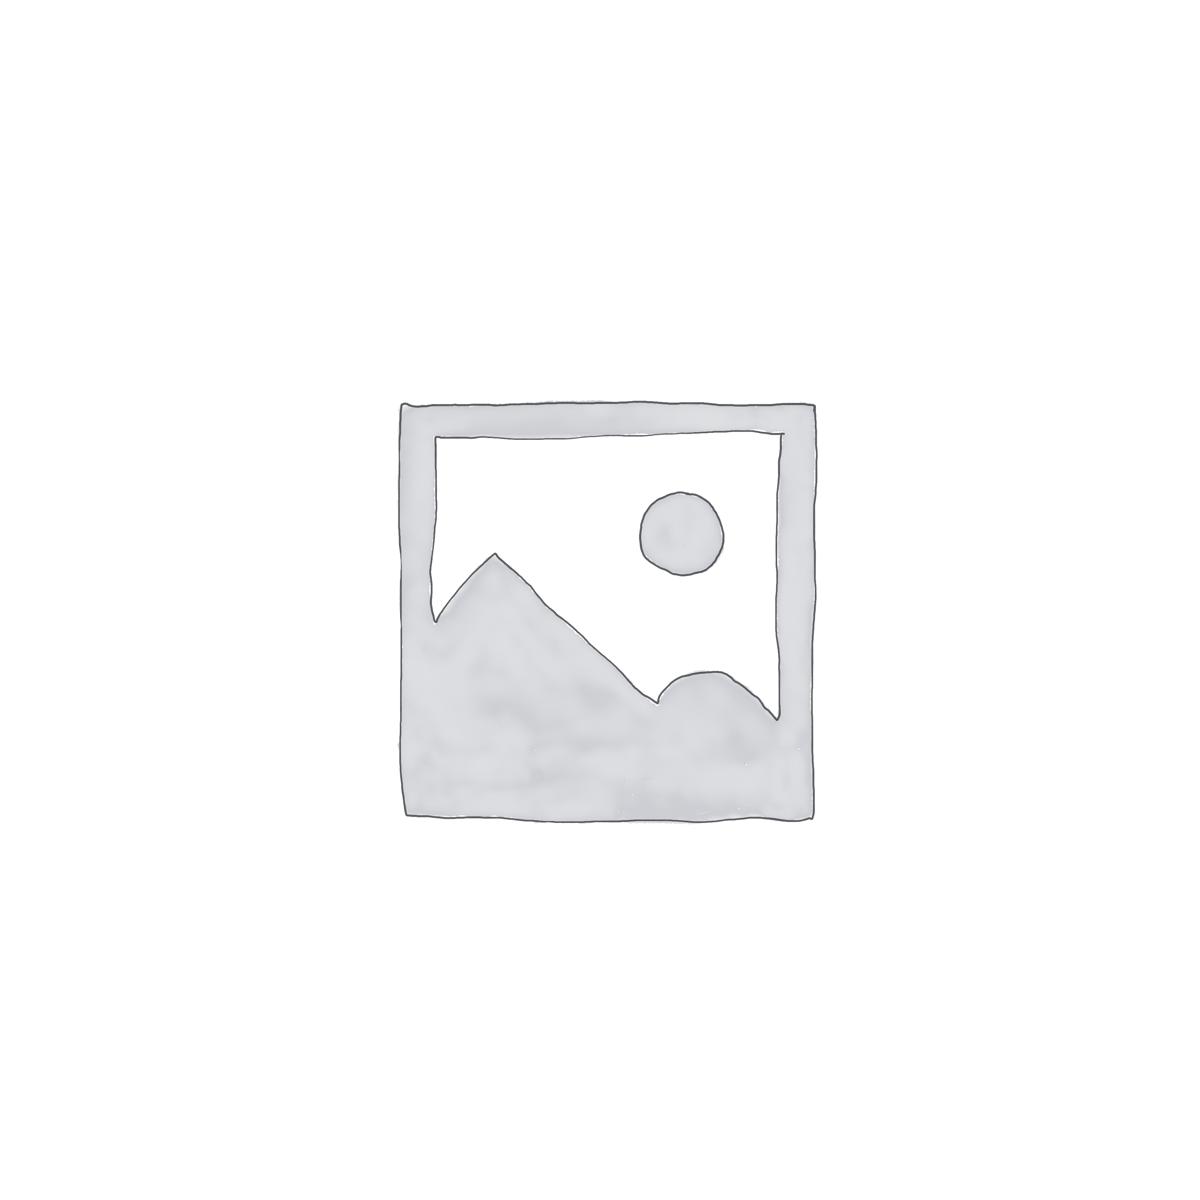 Mermaid And Ocean Life Wallpaper Mural Wallpaper Wallmur